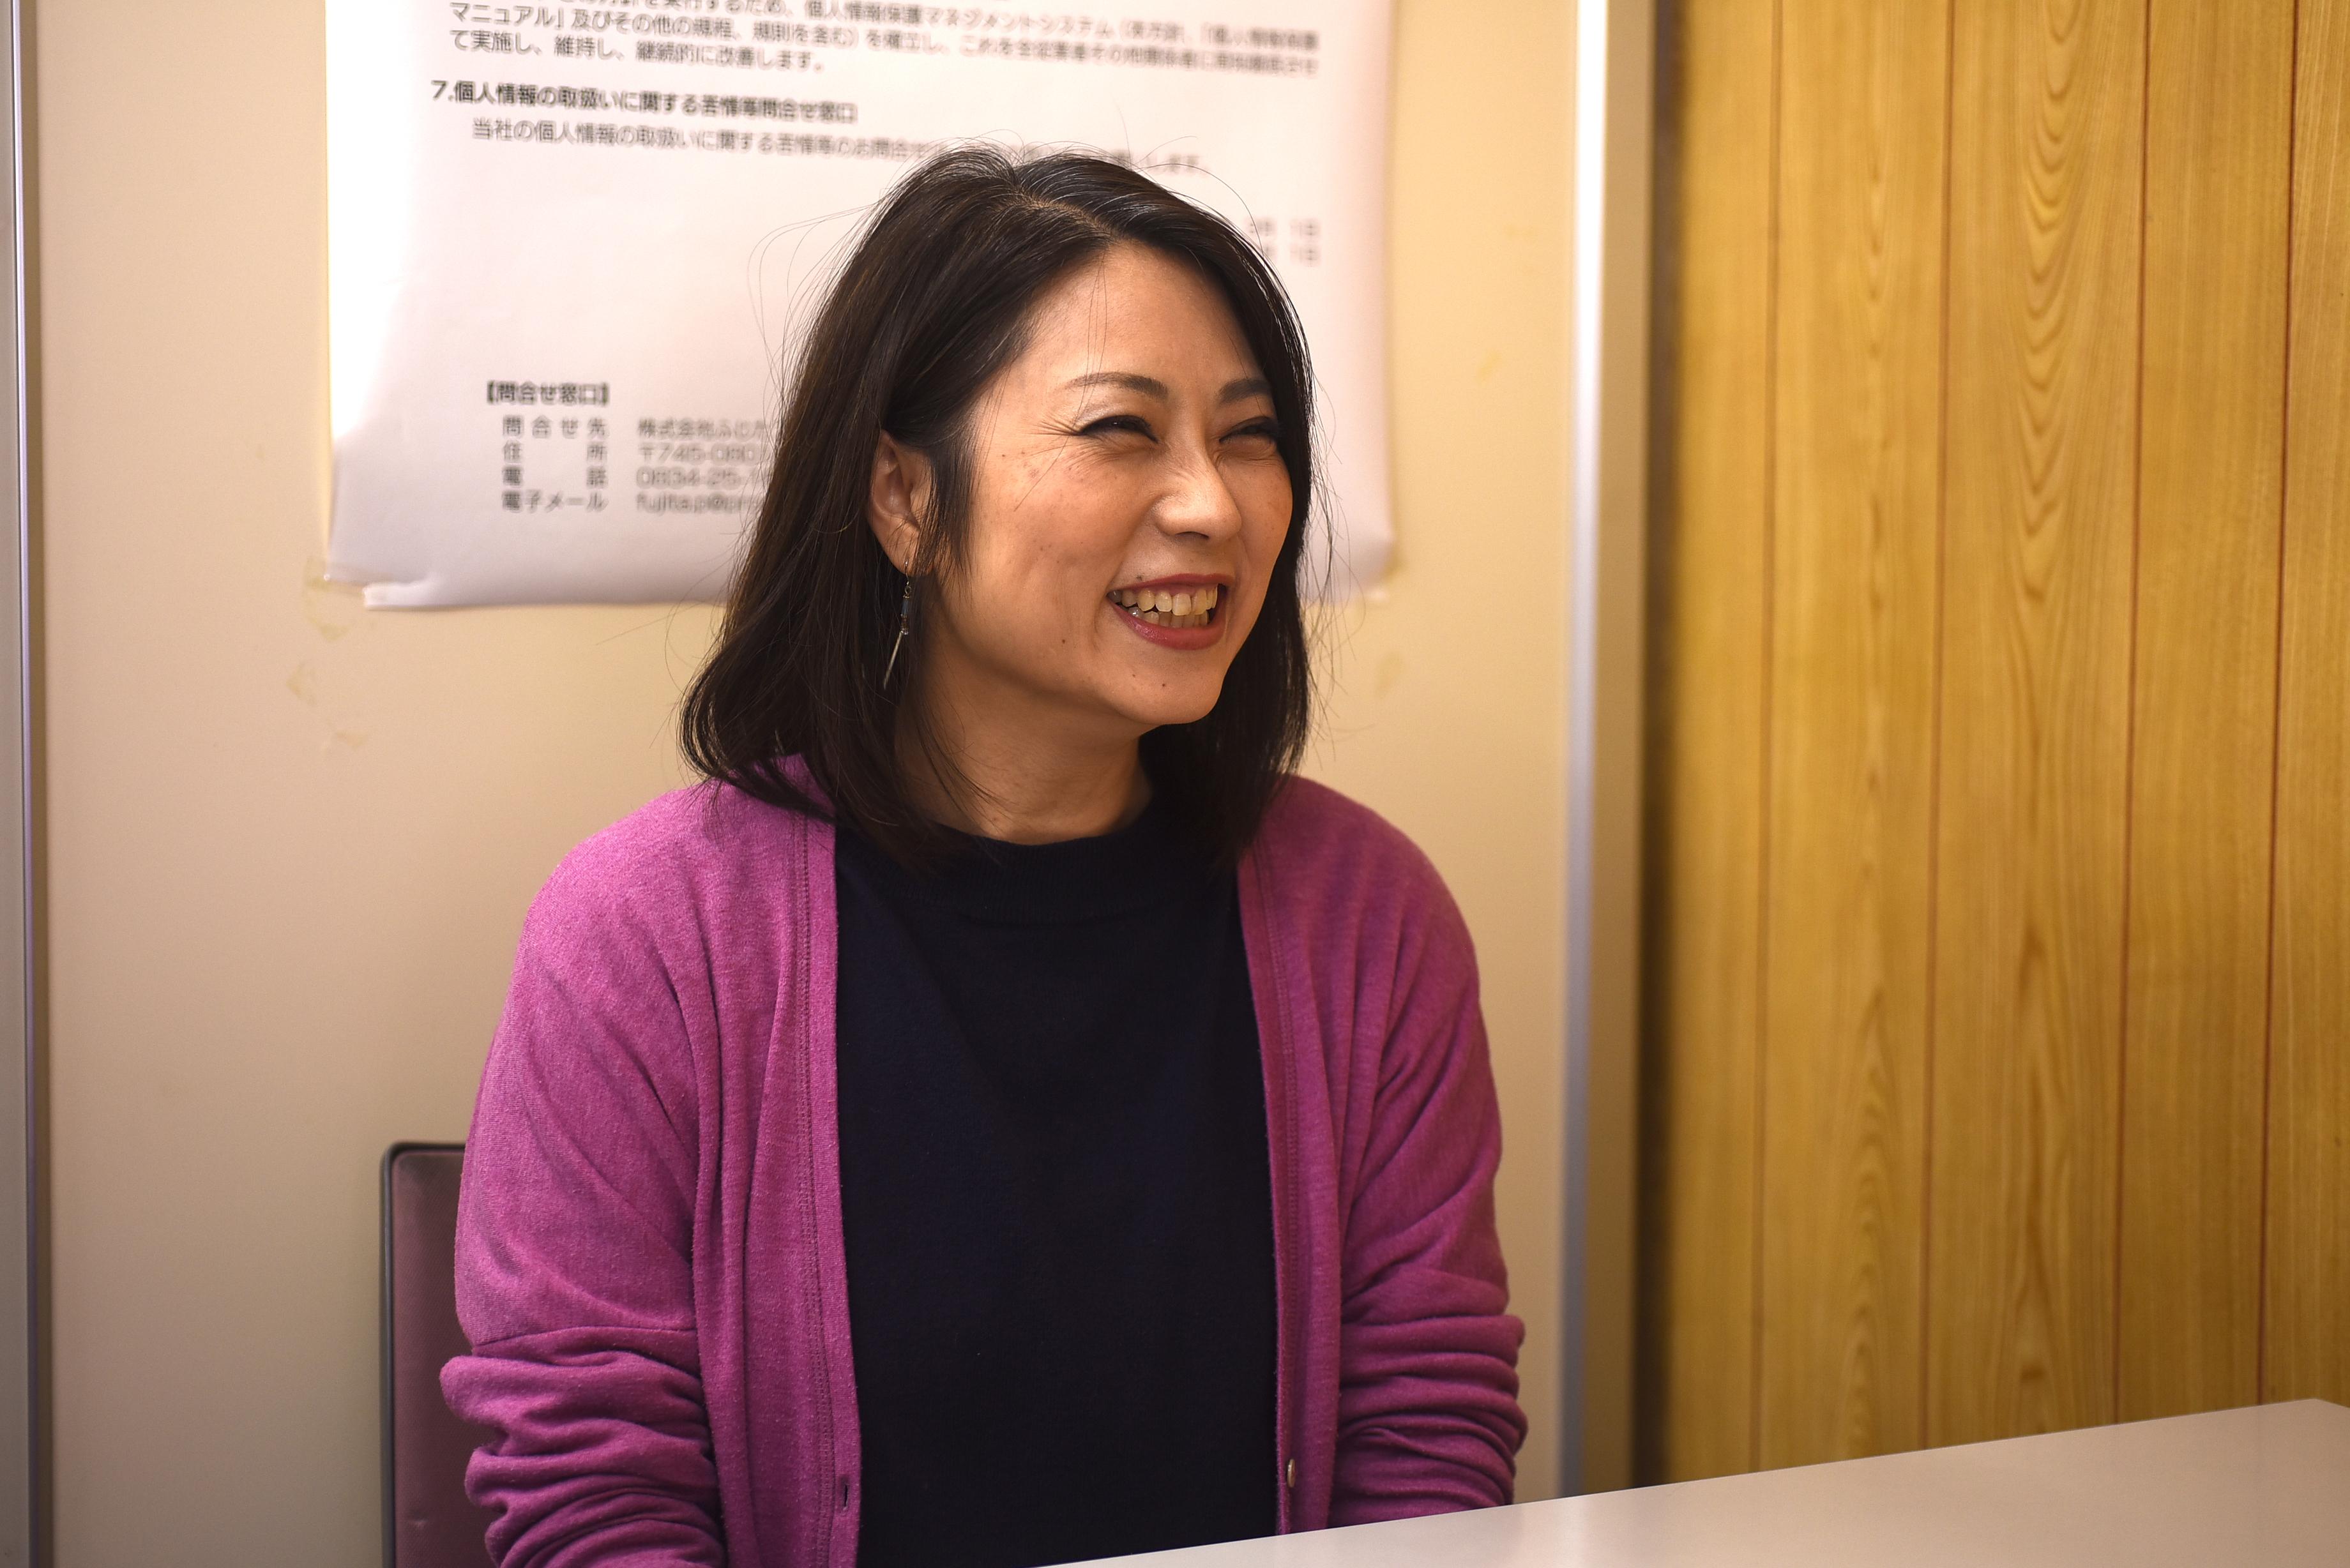 吉田 雅美さん(株式会社ふじたプリント社)